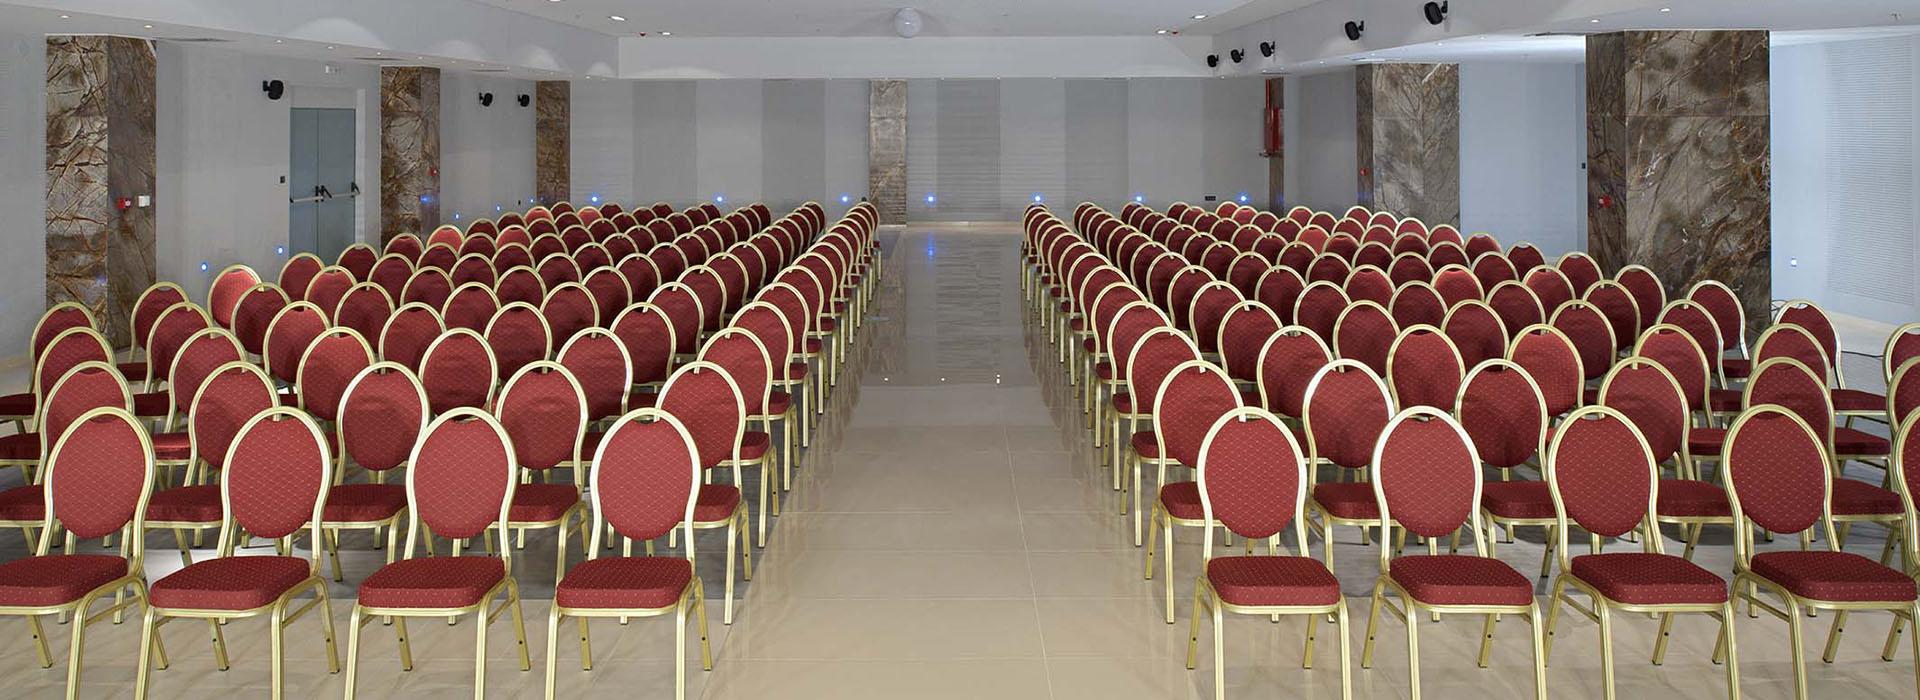 Conferences__Events_2_copy